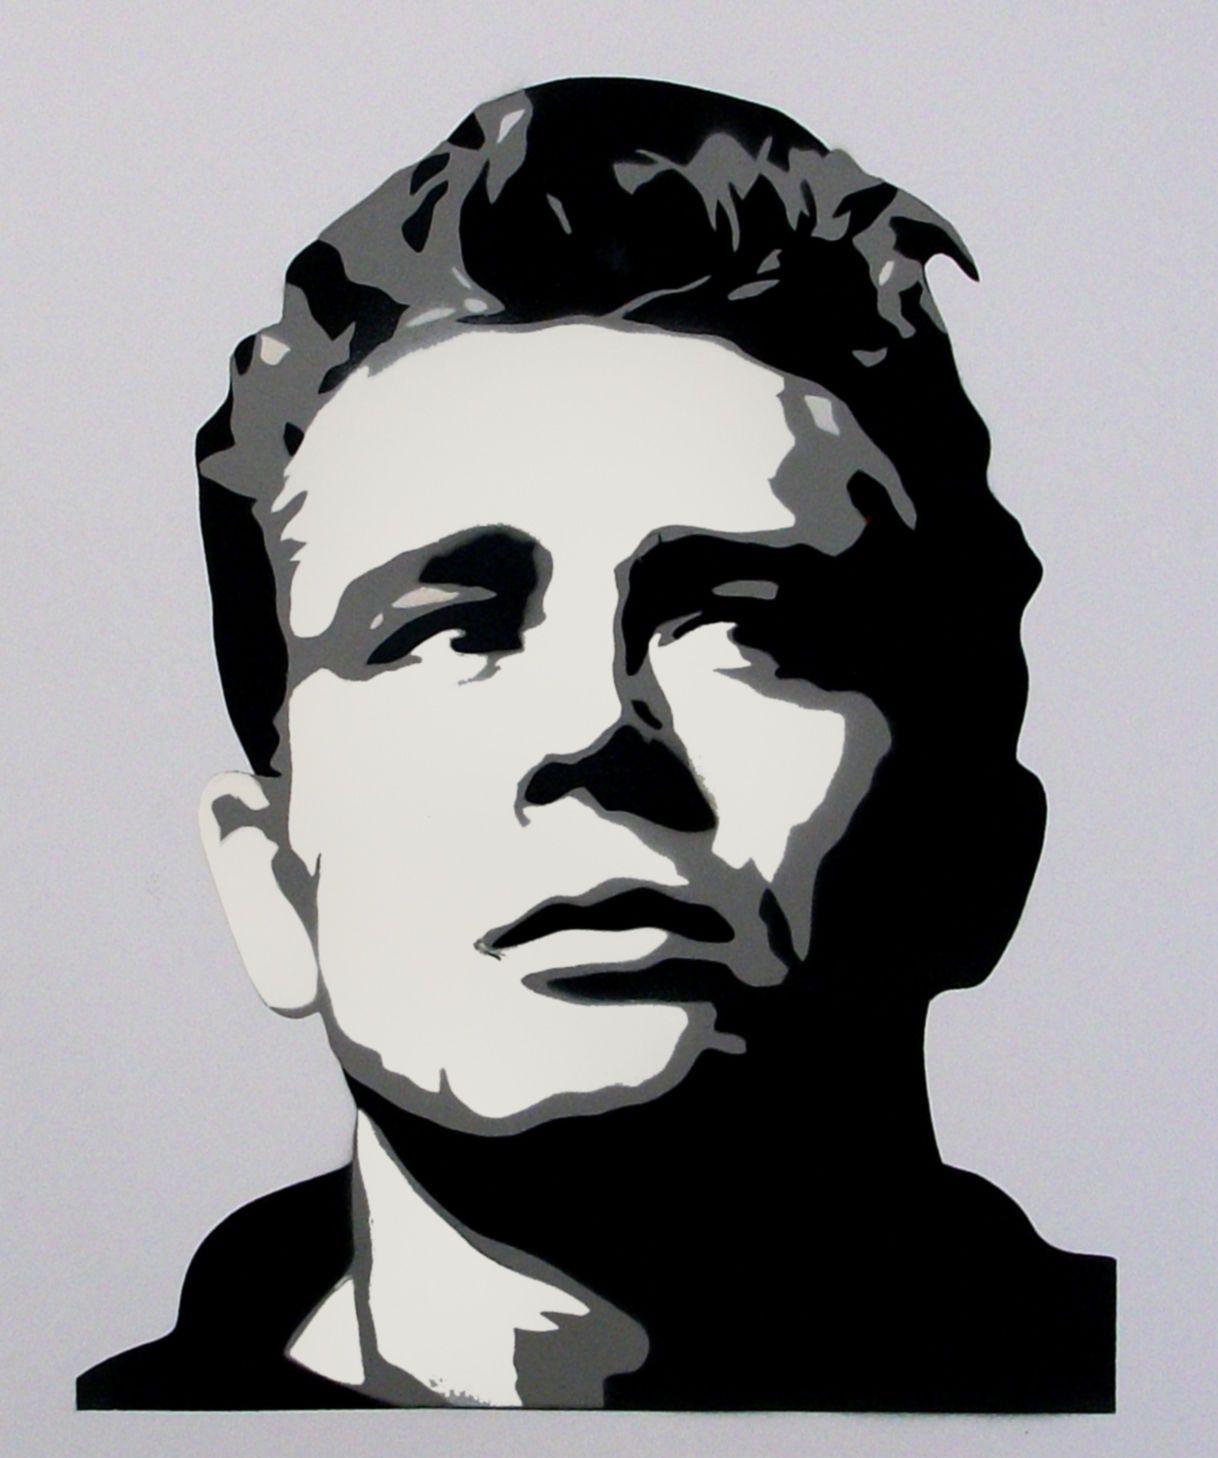 James Dean Retro Portrait Multi Layer Stencil Paint Art ...